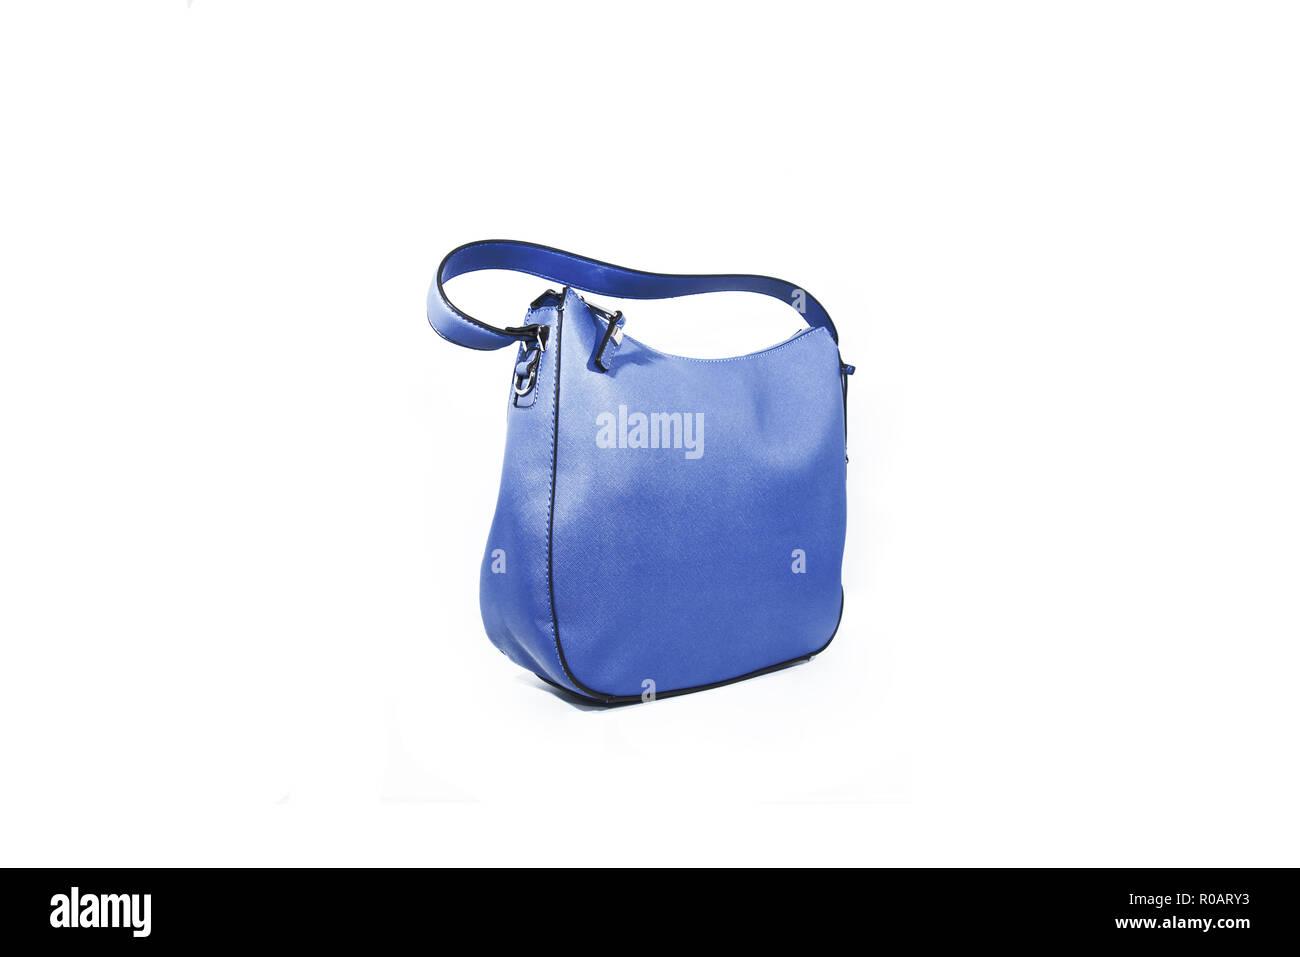 32c0cc3f4cdfe Leere blaue Damen Handtasche auf weißem Hintergrund Stockfoto